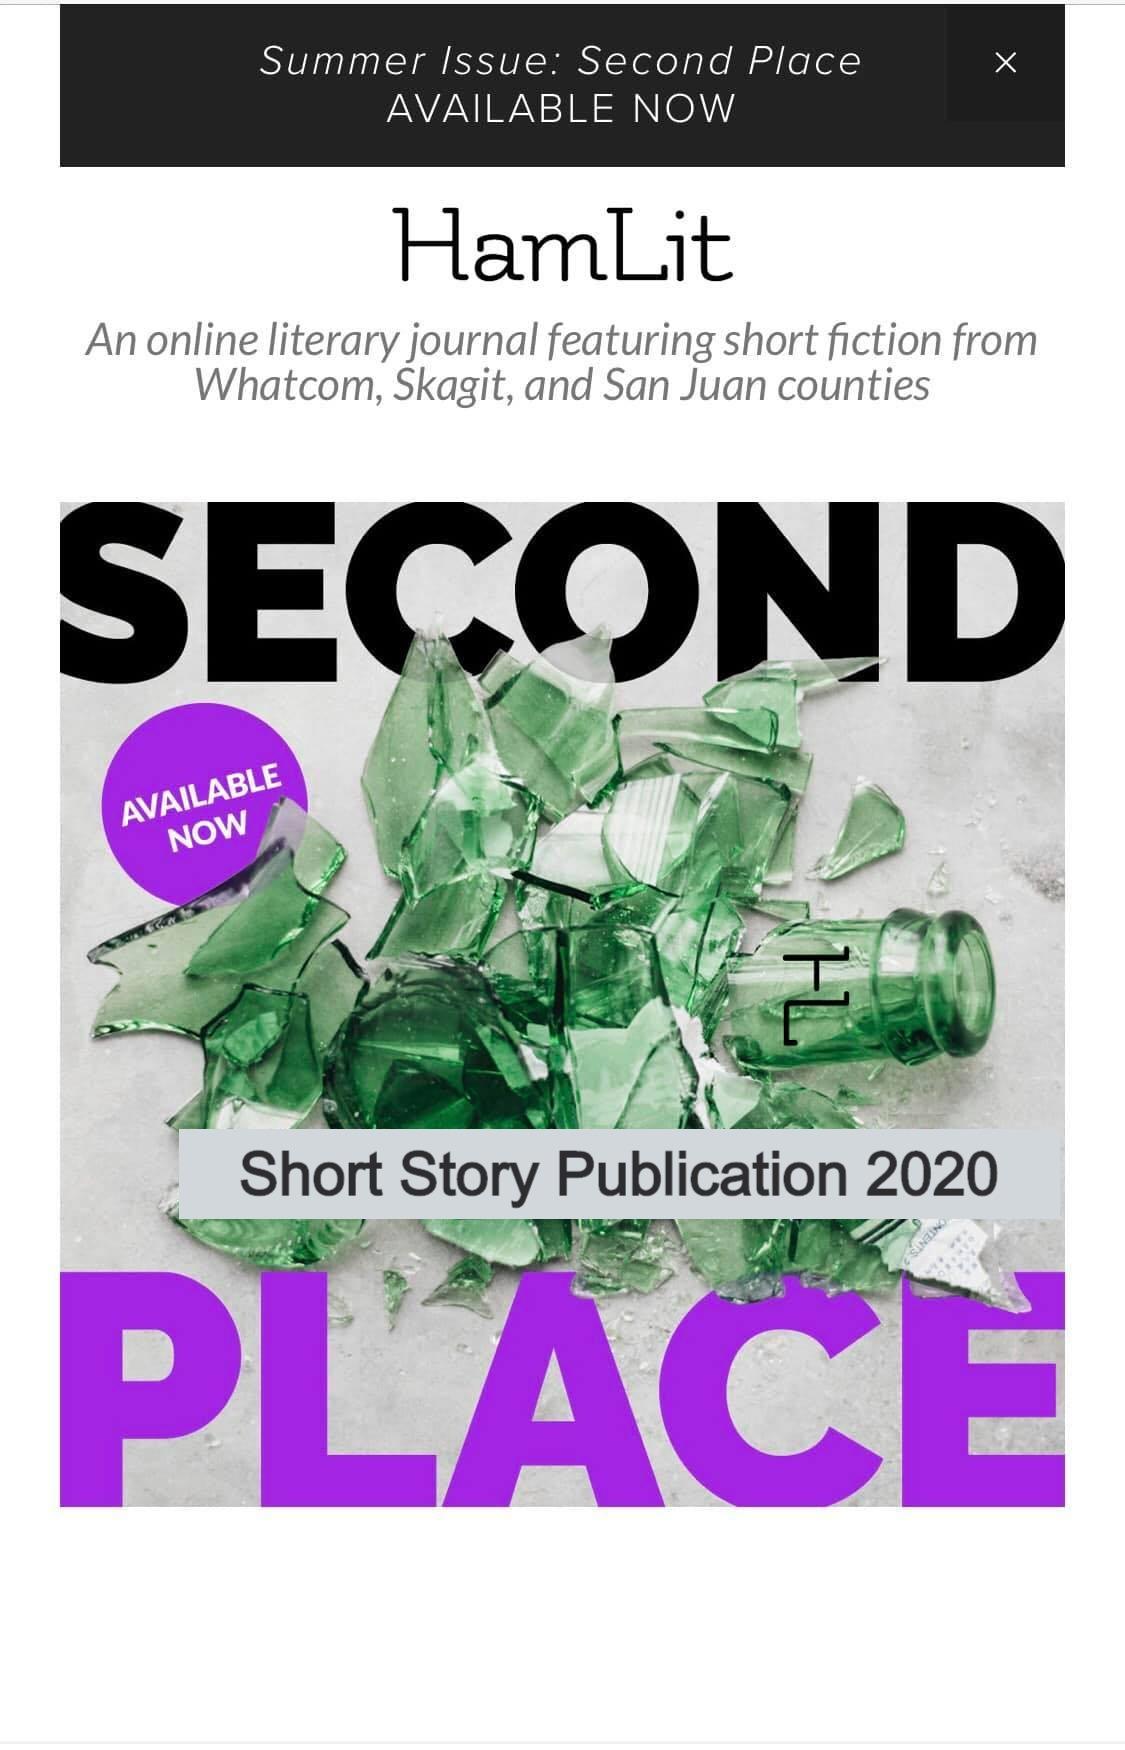 HamLit 2020 Summer Issue -- Short Story Publication